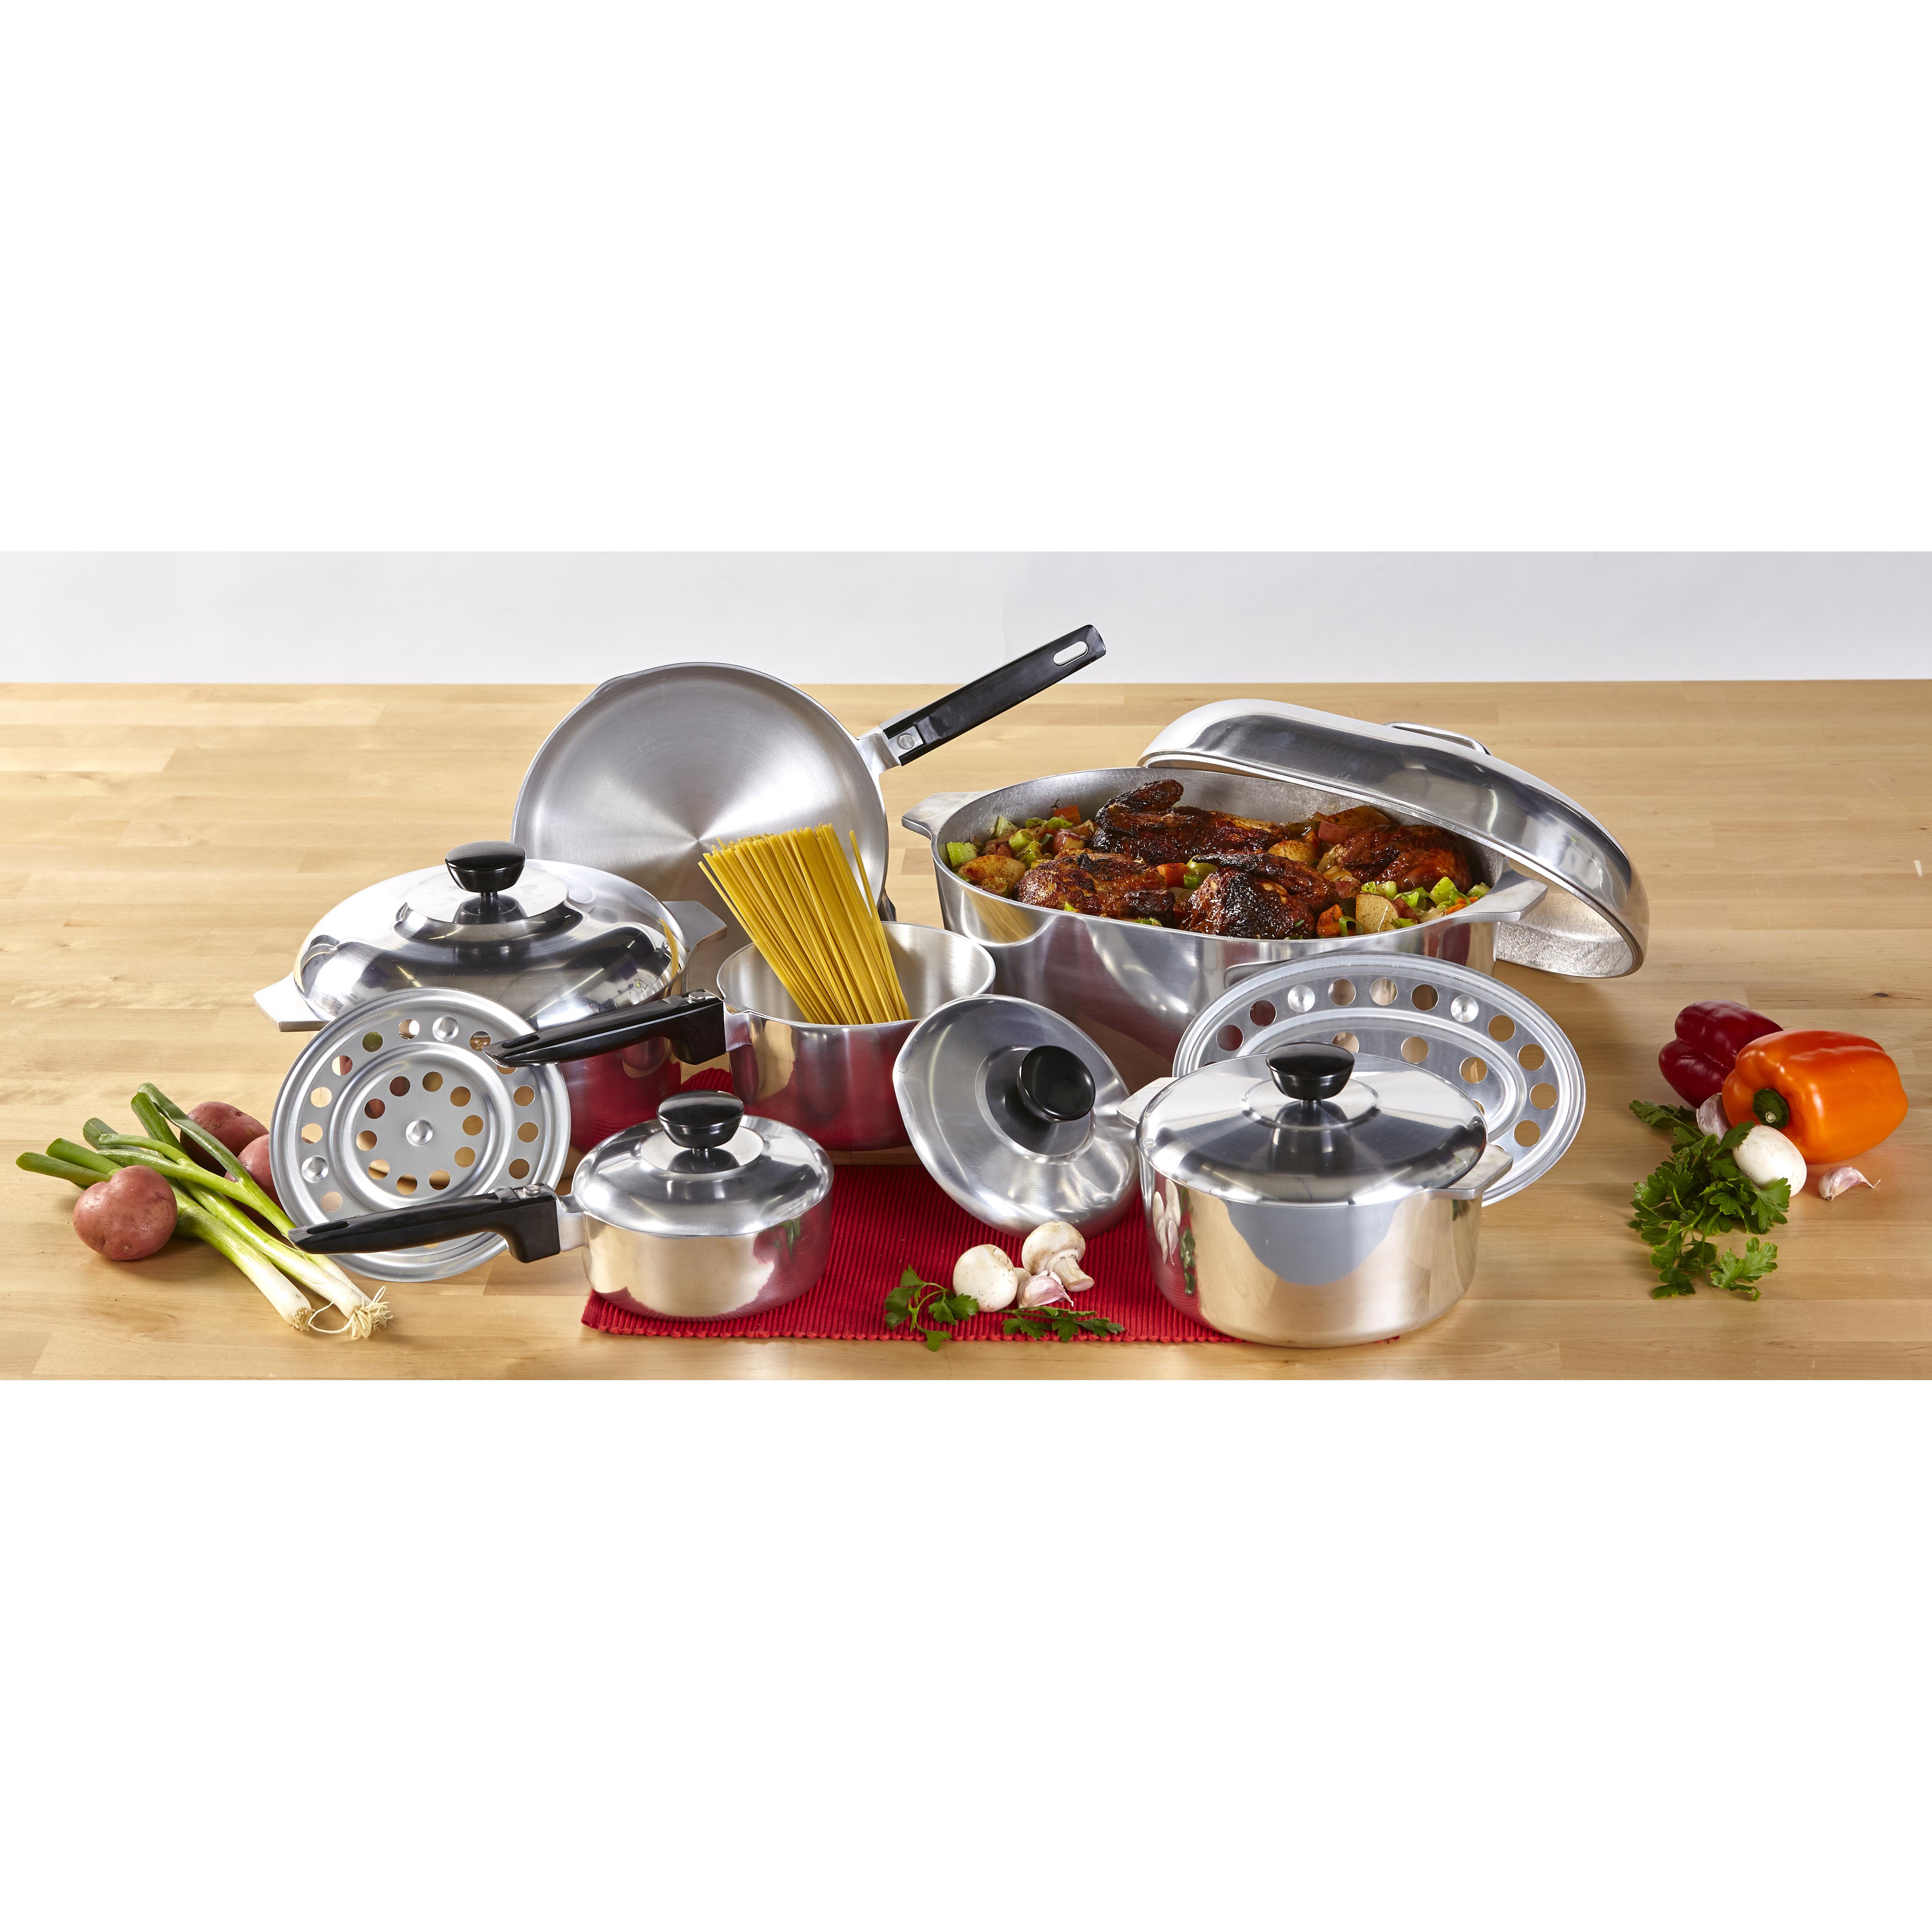 IMUSA 13-Piece Cast Aluminum Cajun Cookware Set